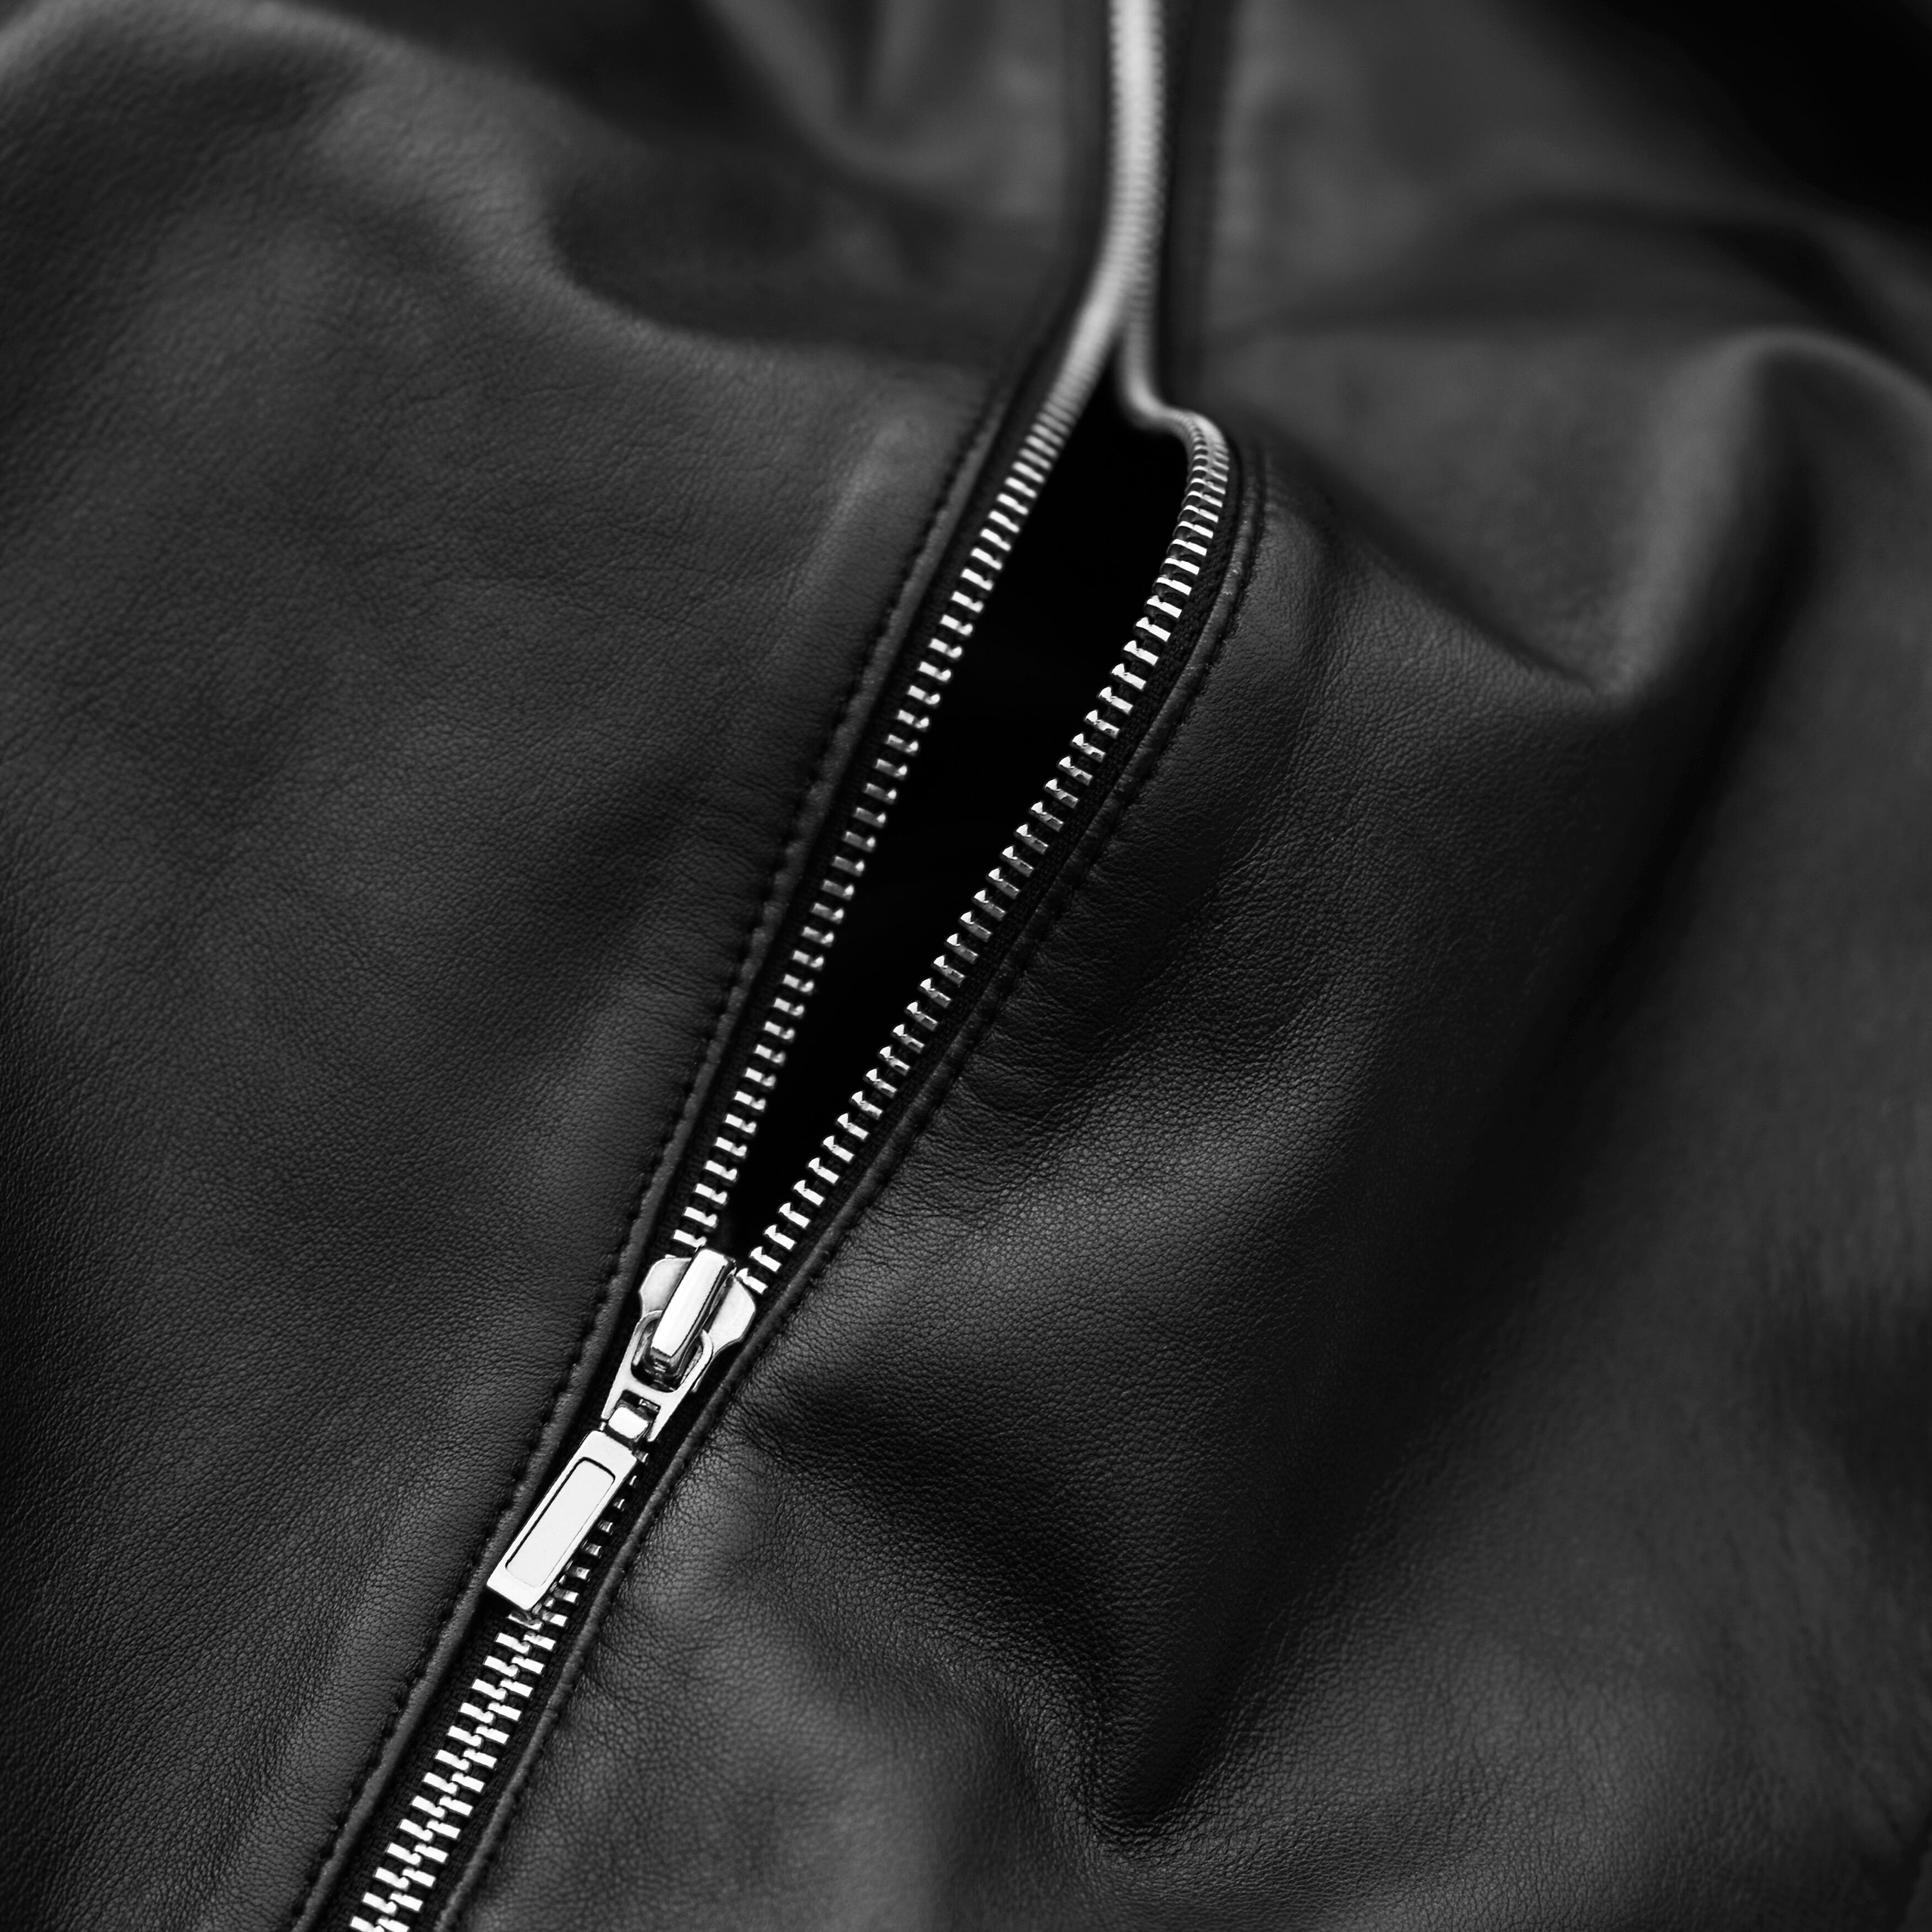 A zip in a black jacket.